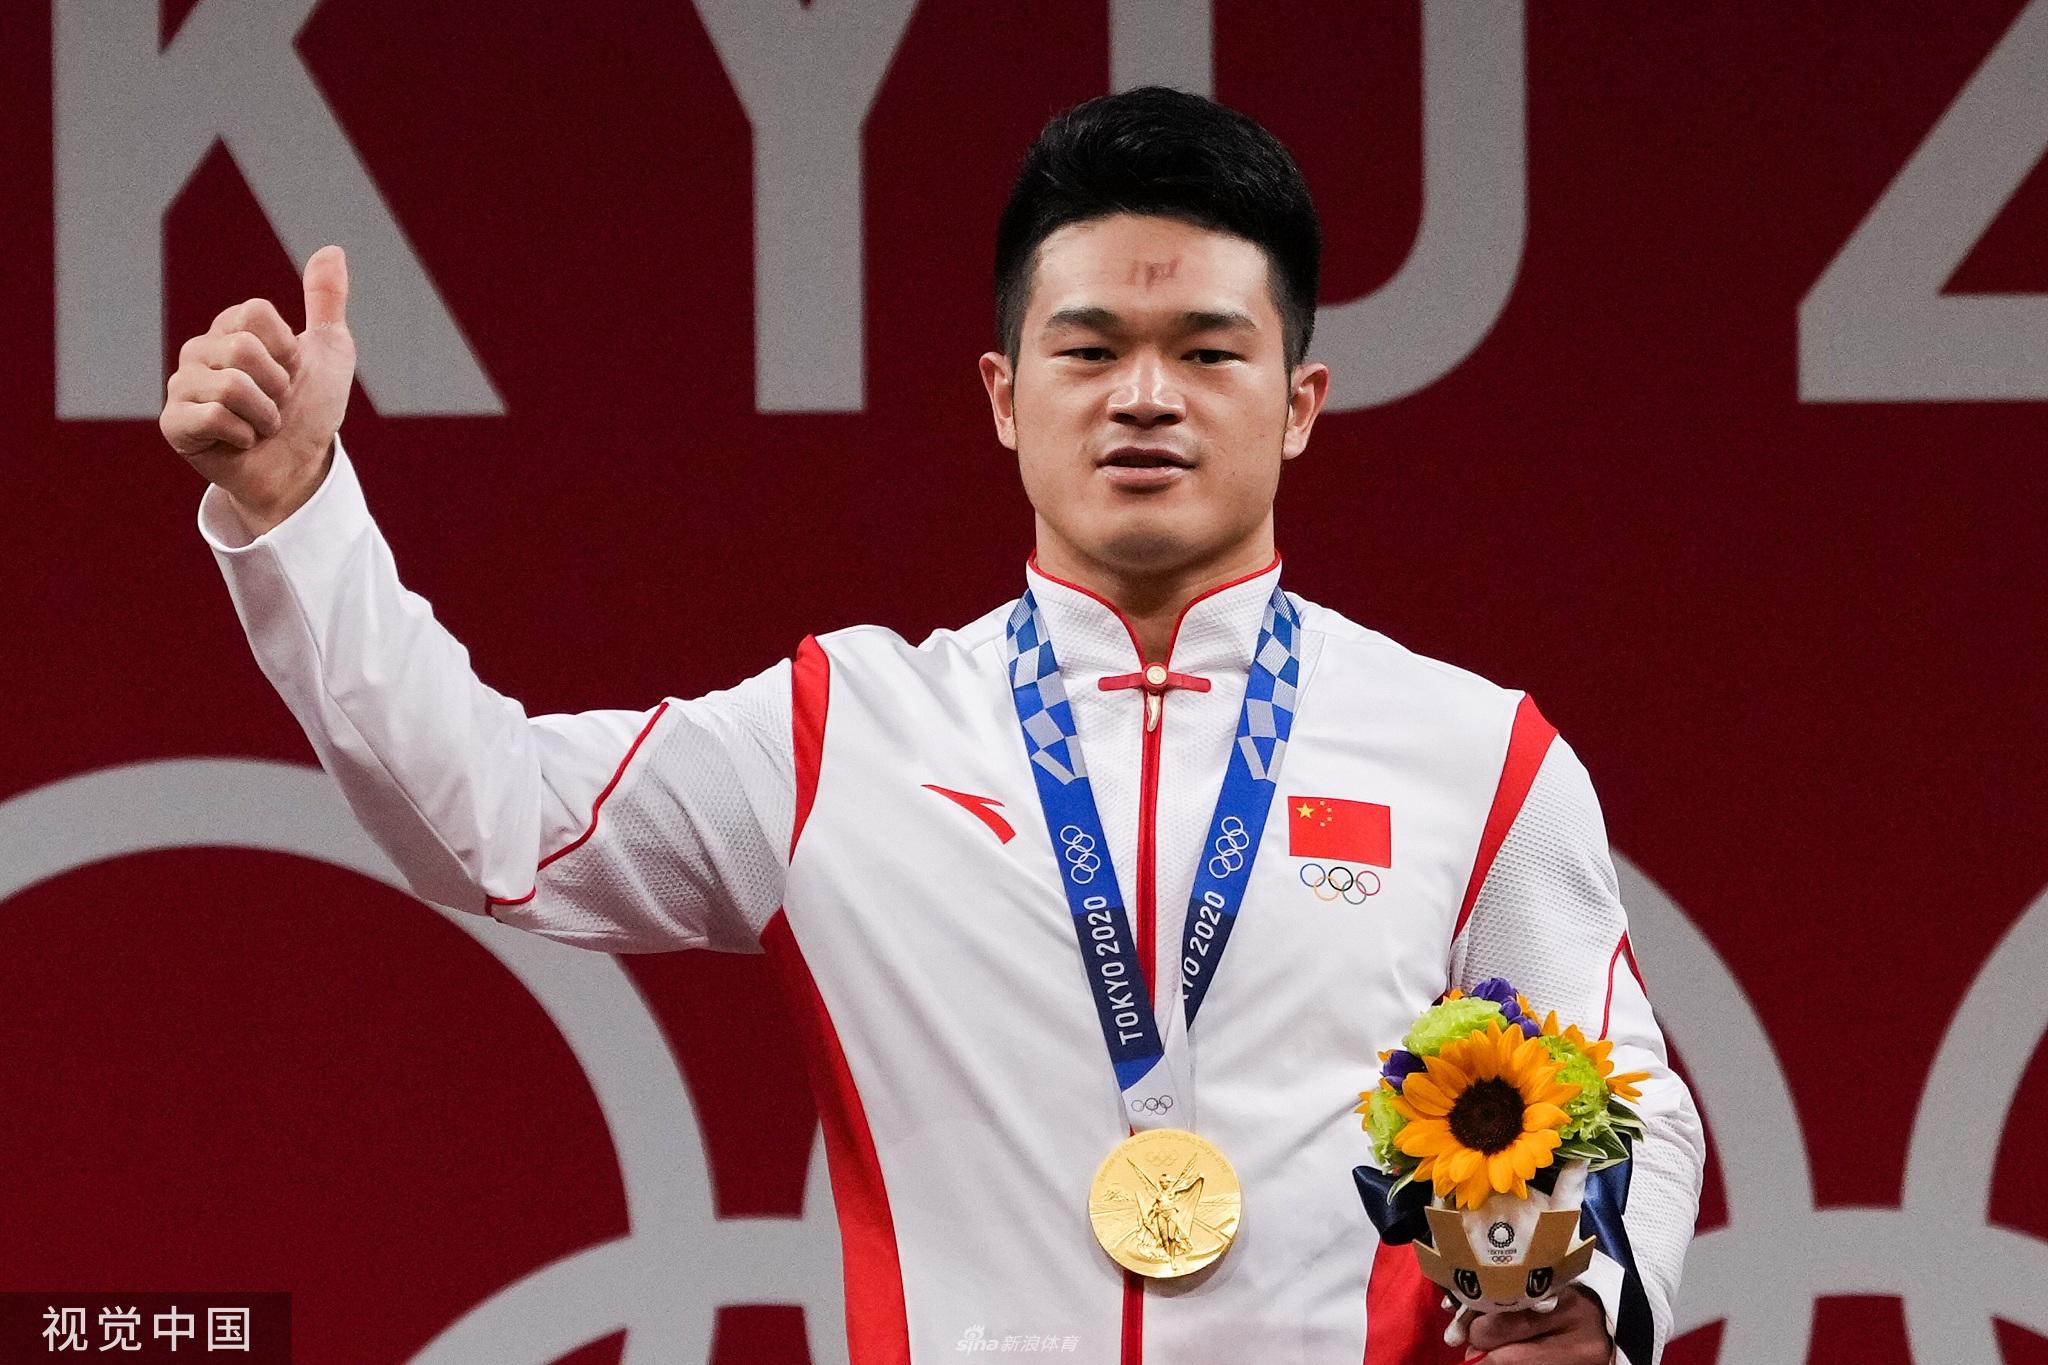 奥运第五日综述:石智勇中国力量 体操全能好遗憾